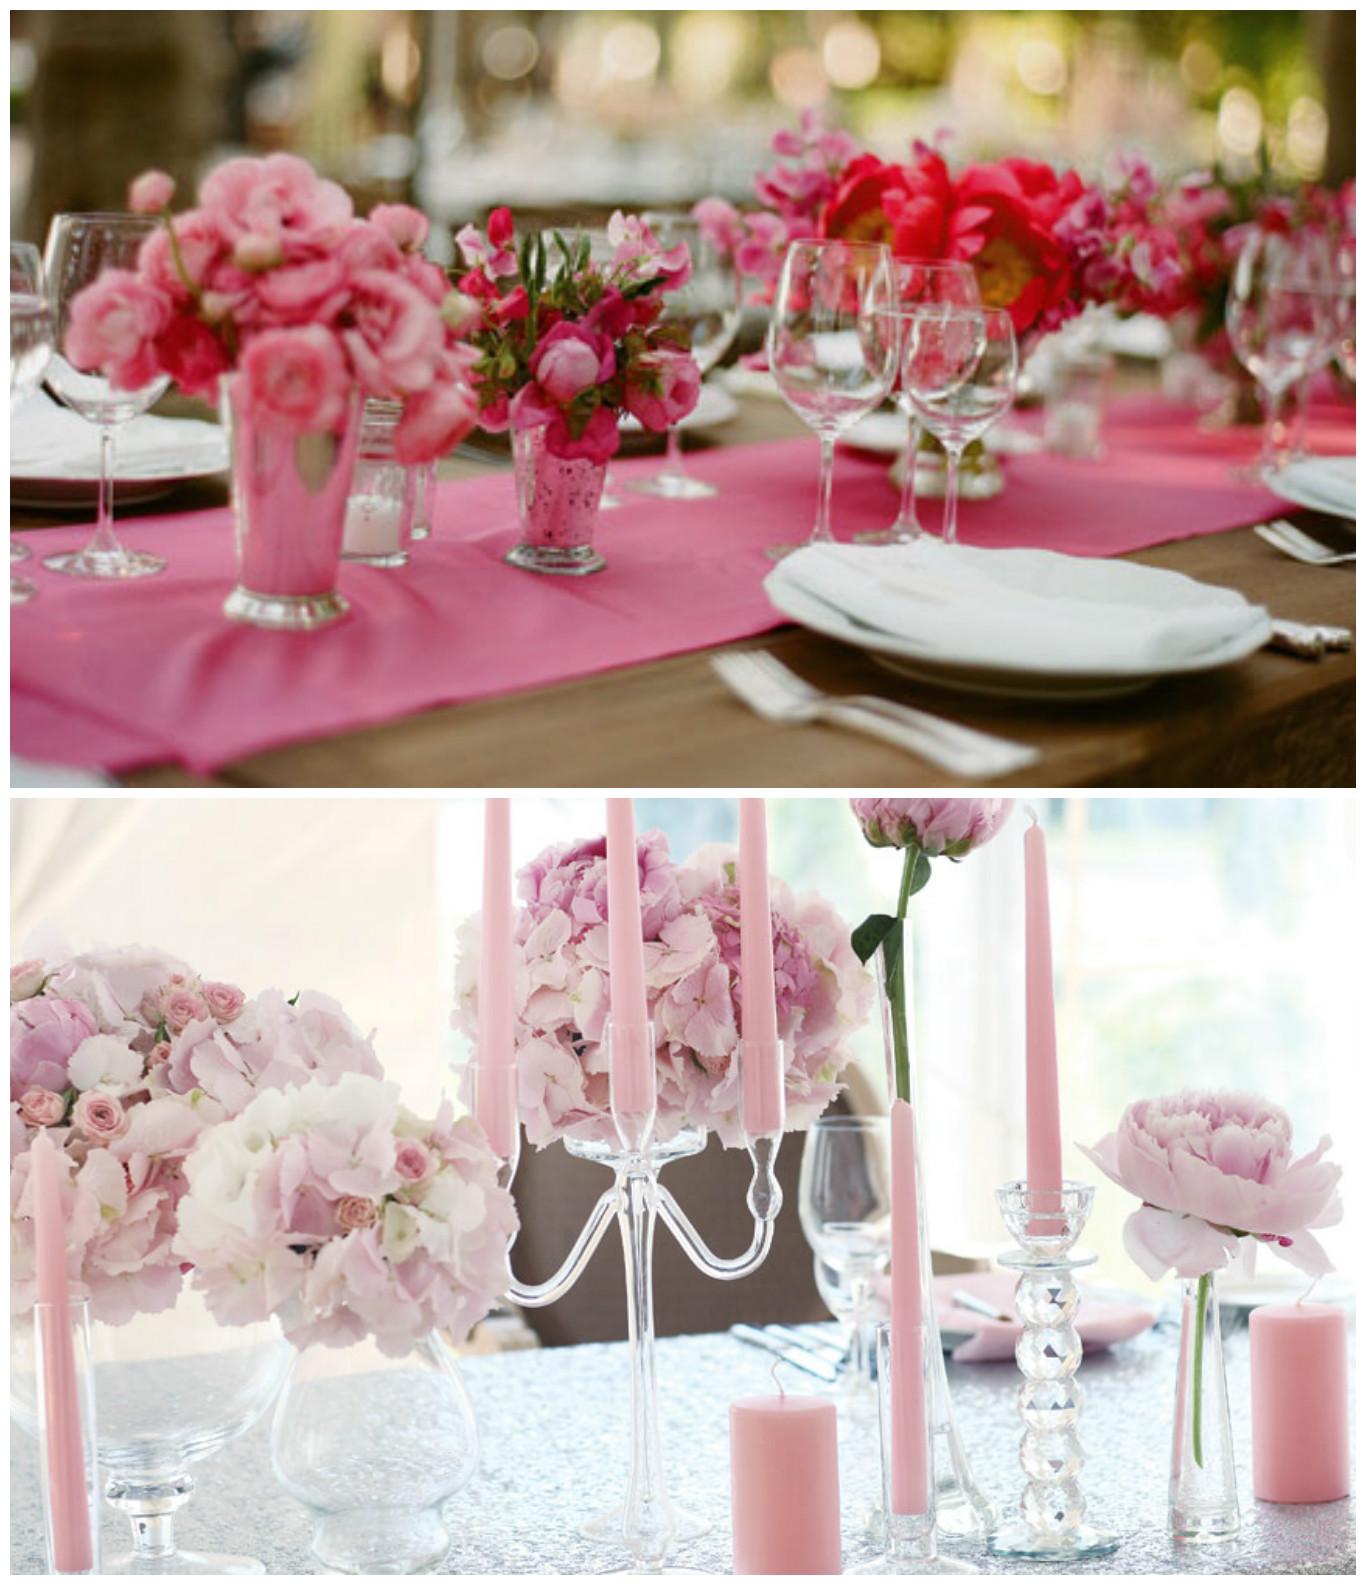 трояндове весілля